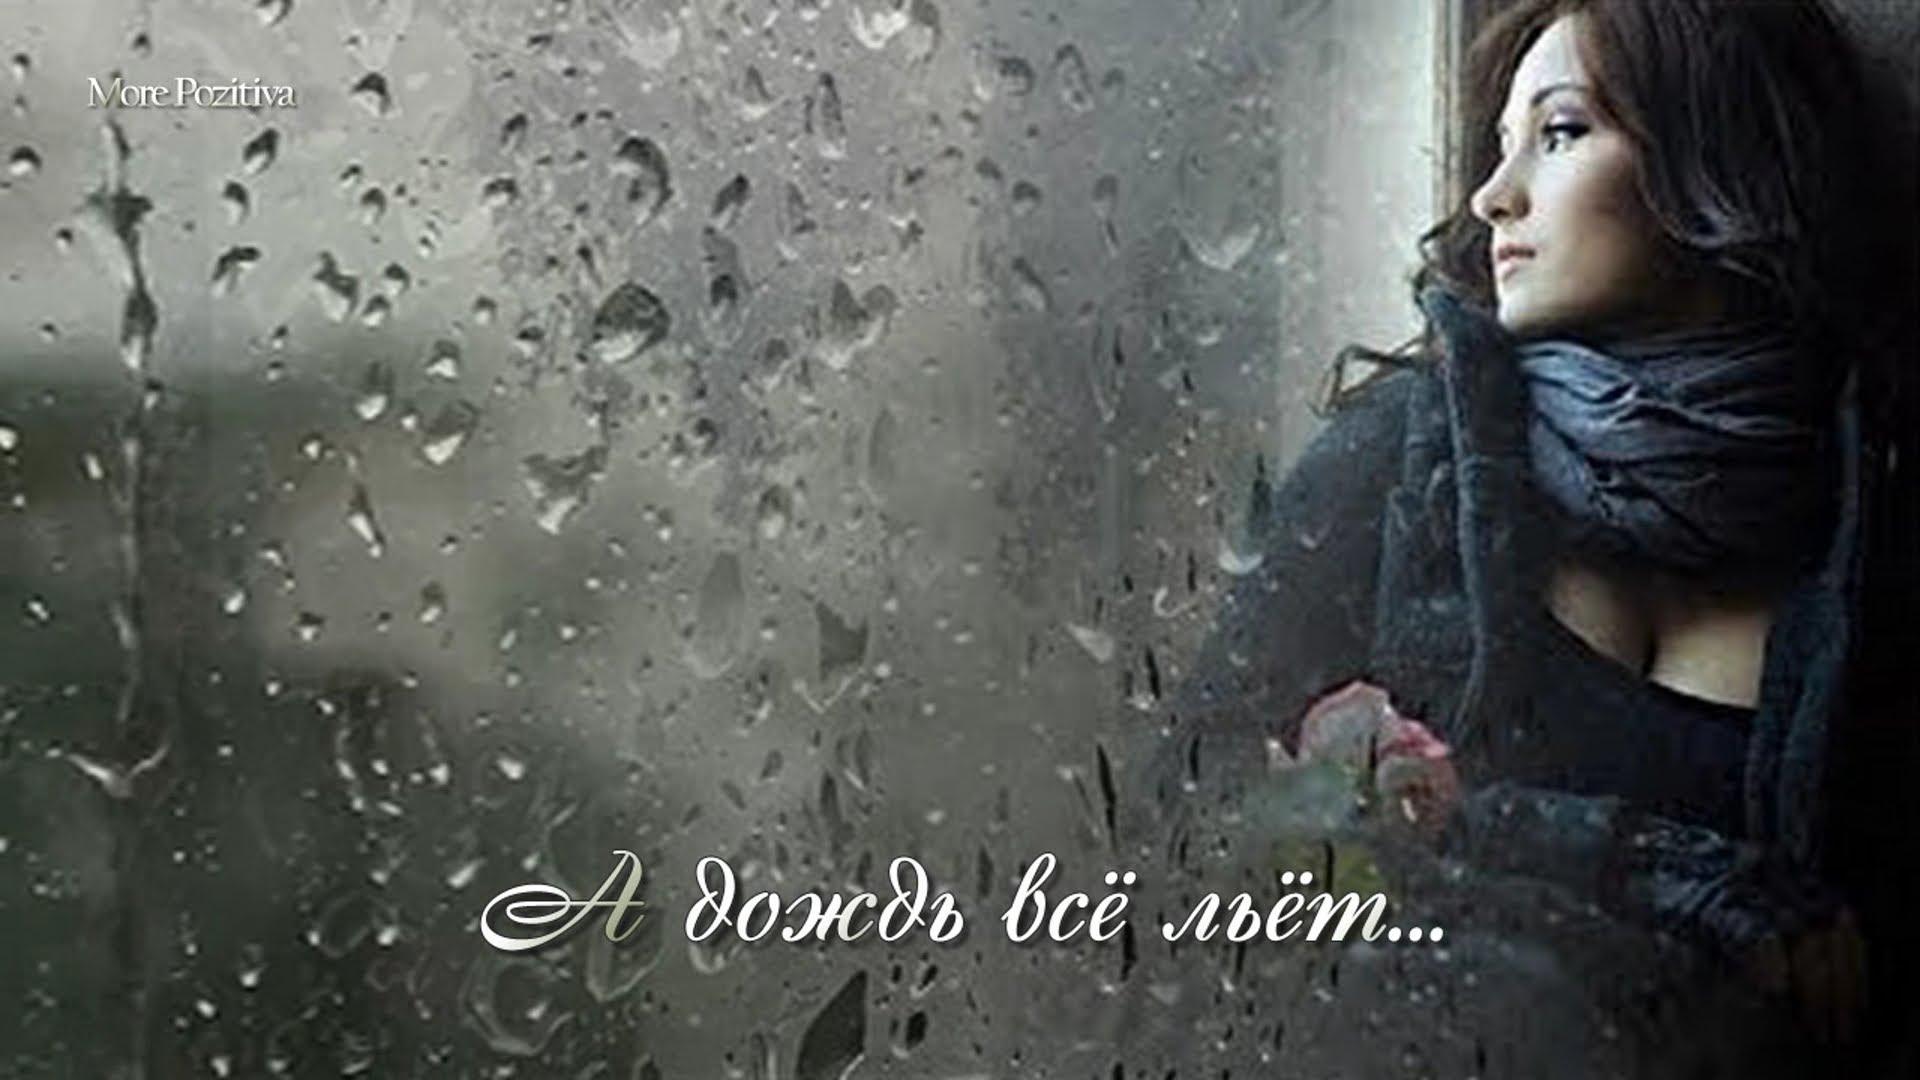 представляет фото дождь стихи фото полезная